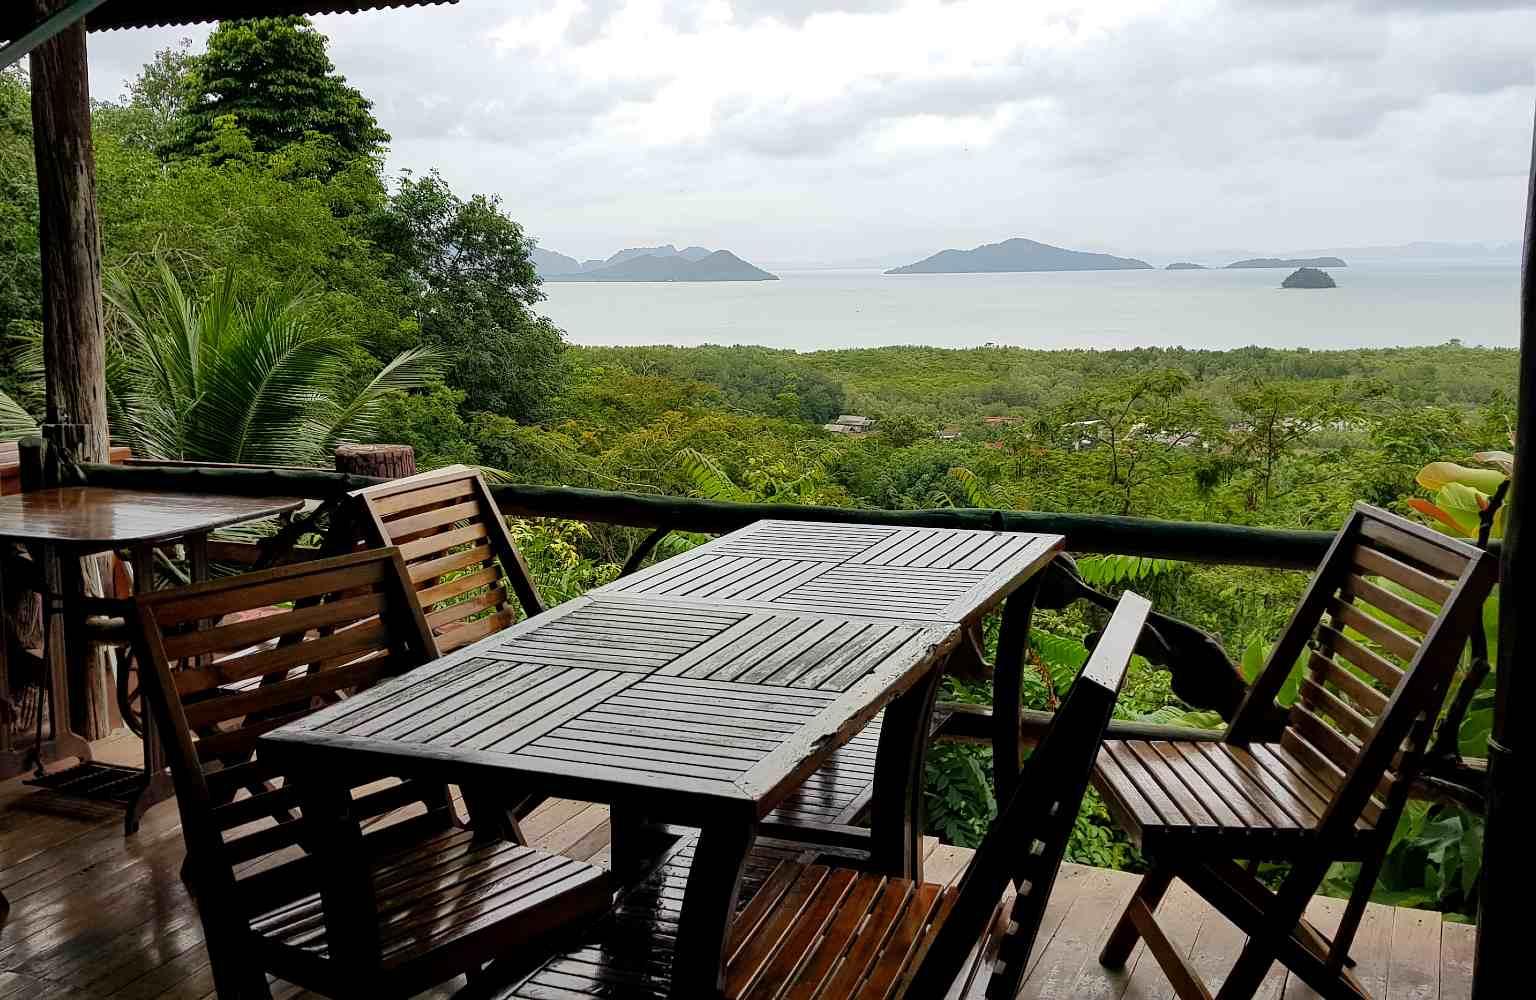 route naar National Park en Restaurant met mooi uitzicht op zee